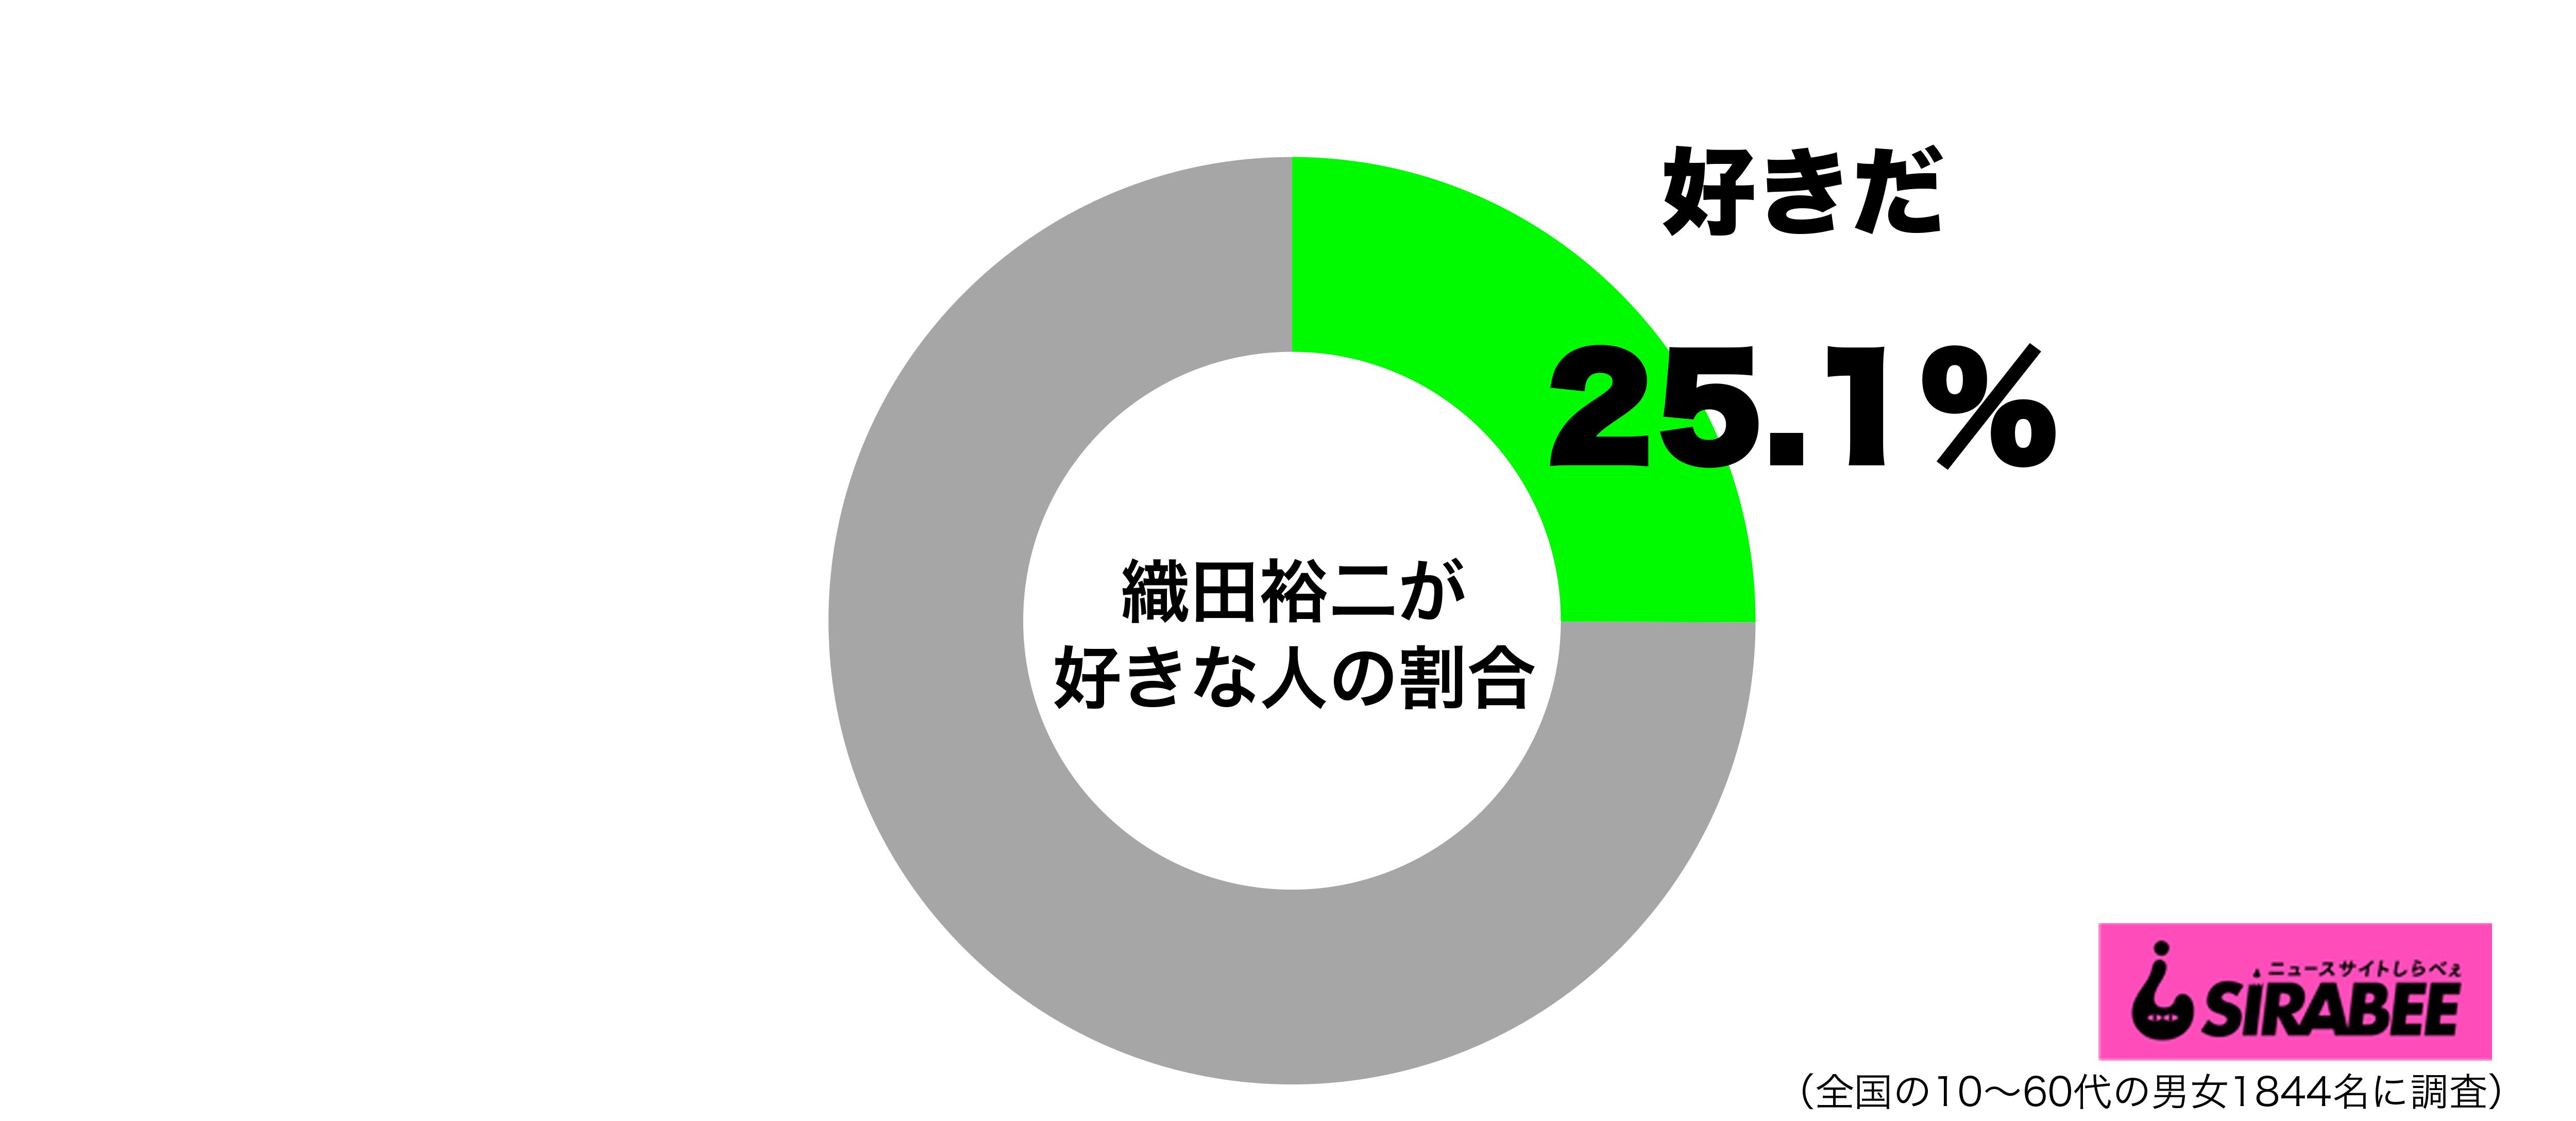 織田裕二が好きグラフ